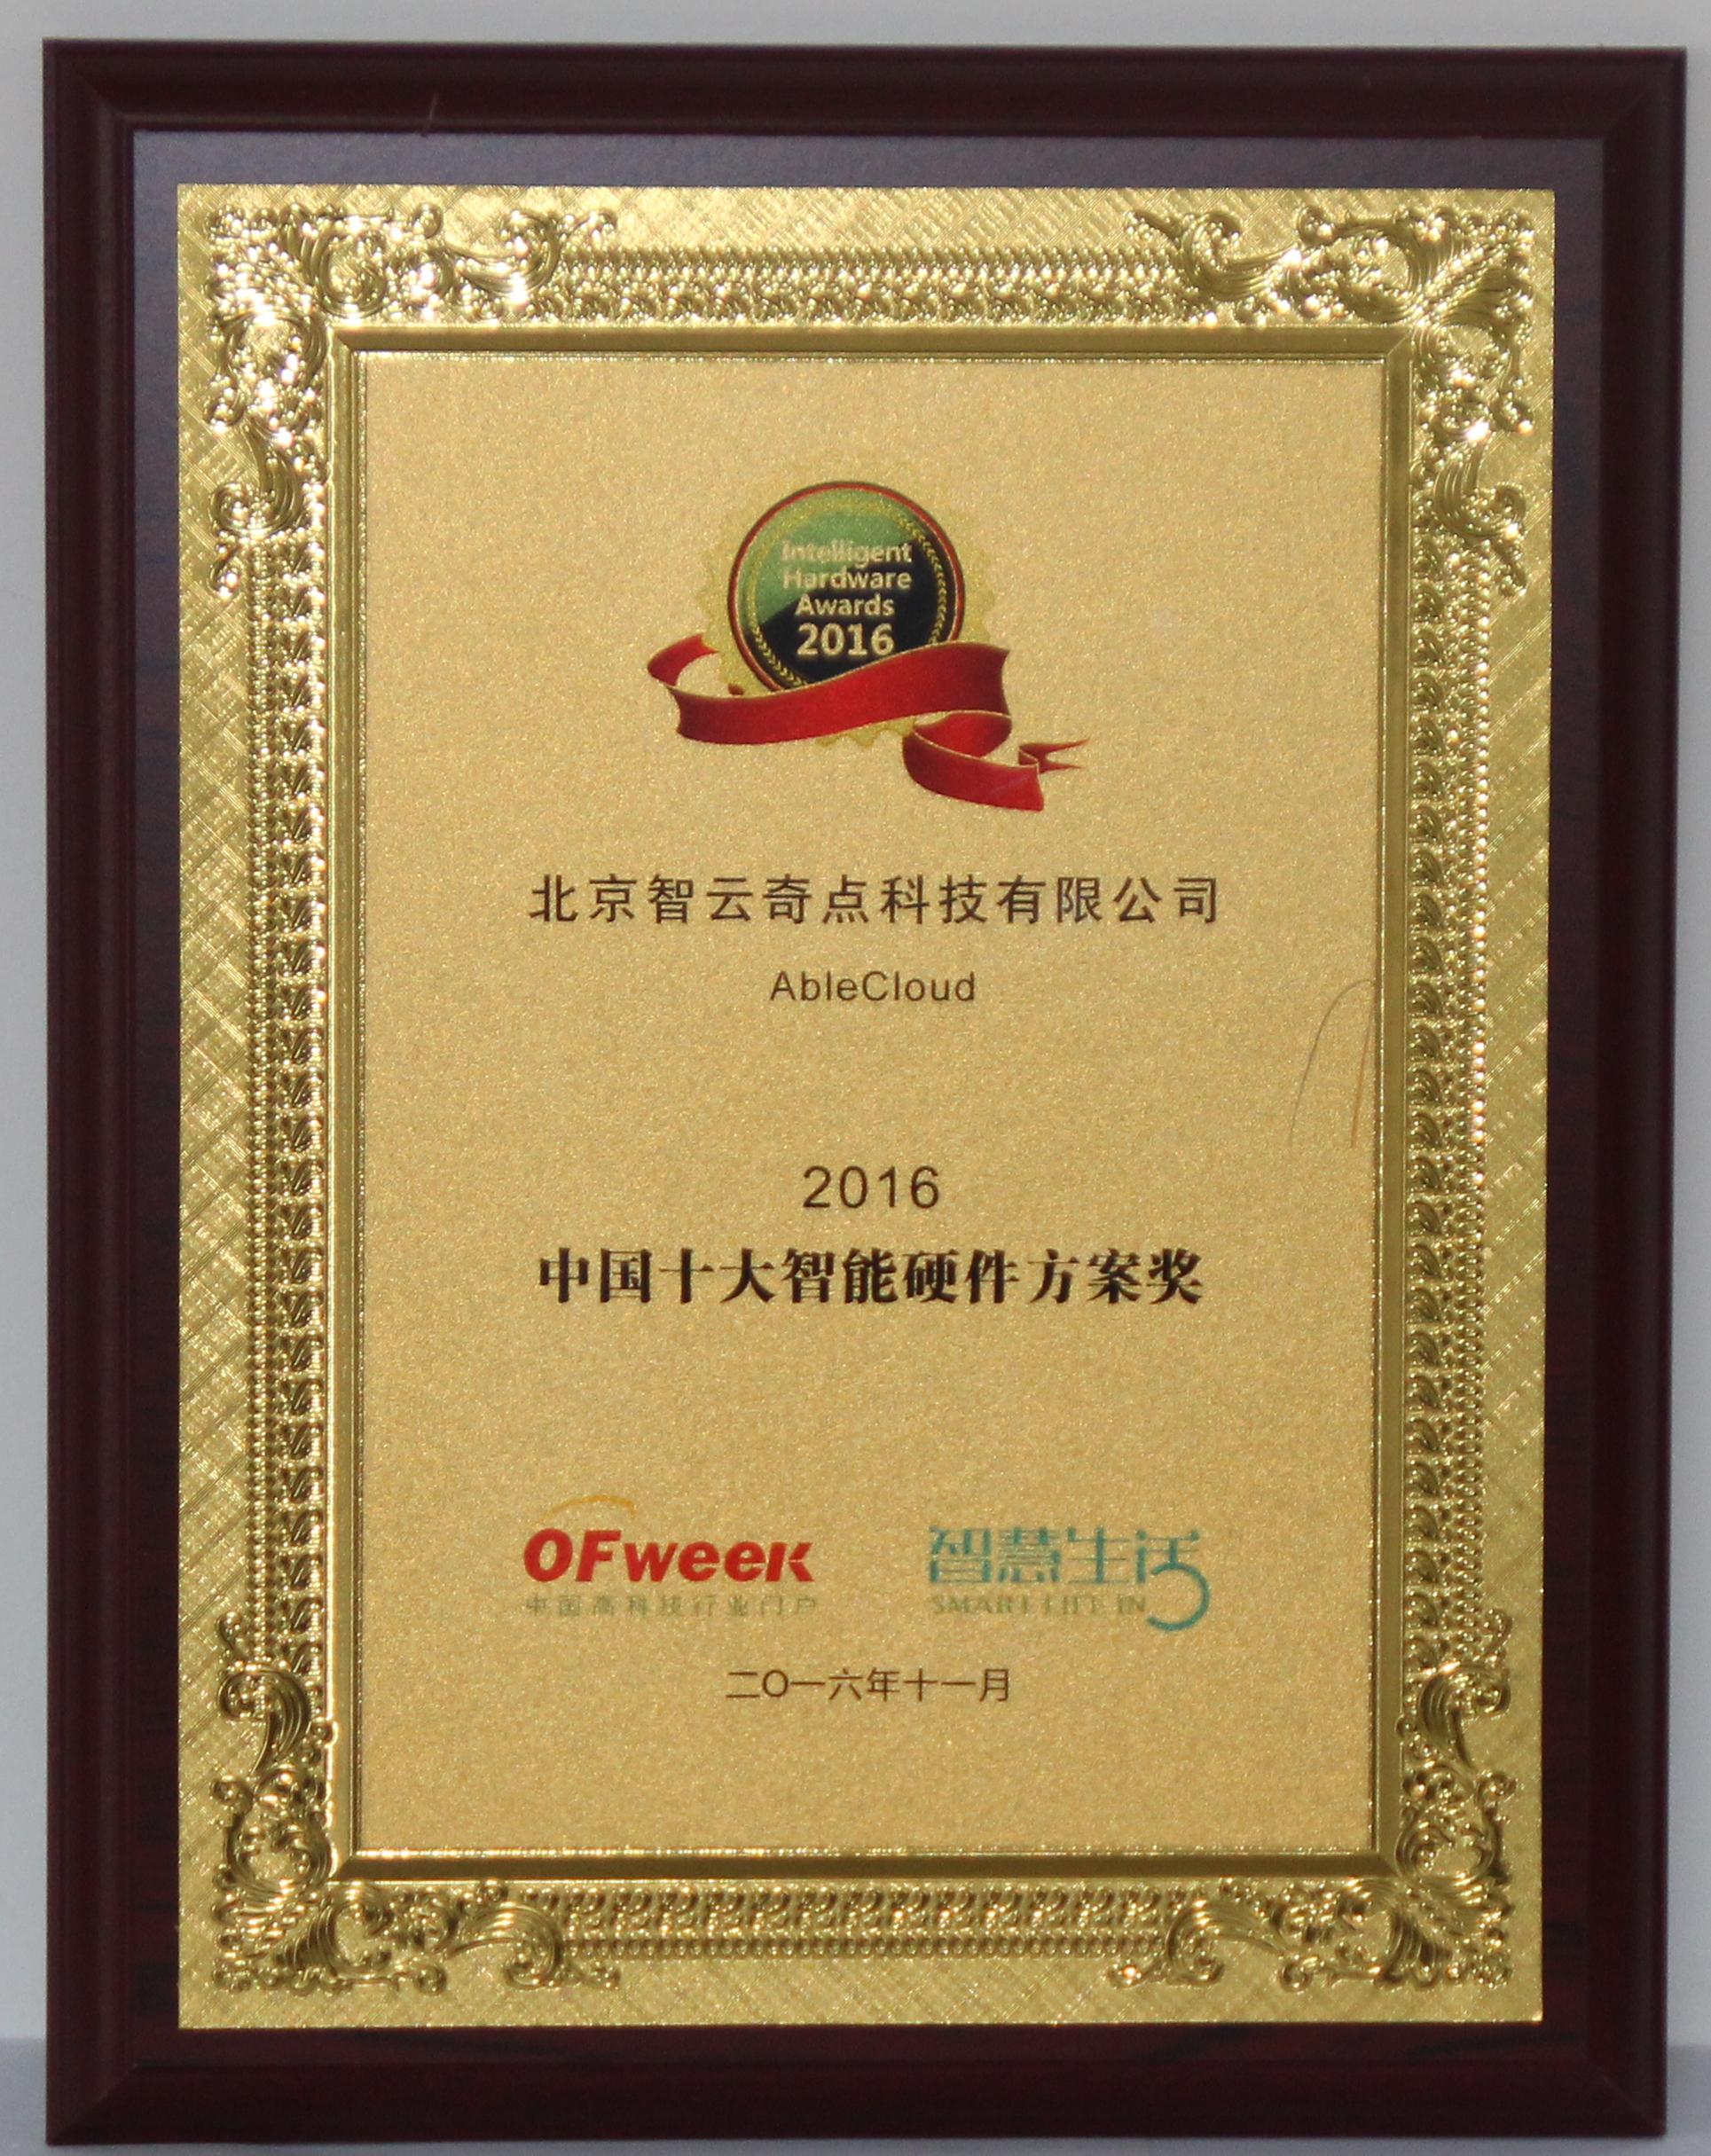 北京智云奇点科技有限公司获China Intelligent Hardware Awards 2016中国十大智能硬件方案奖